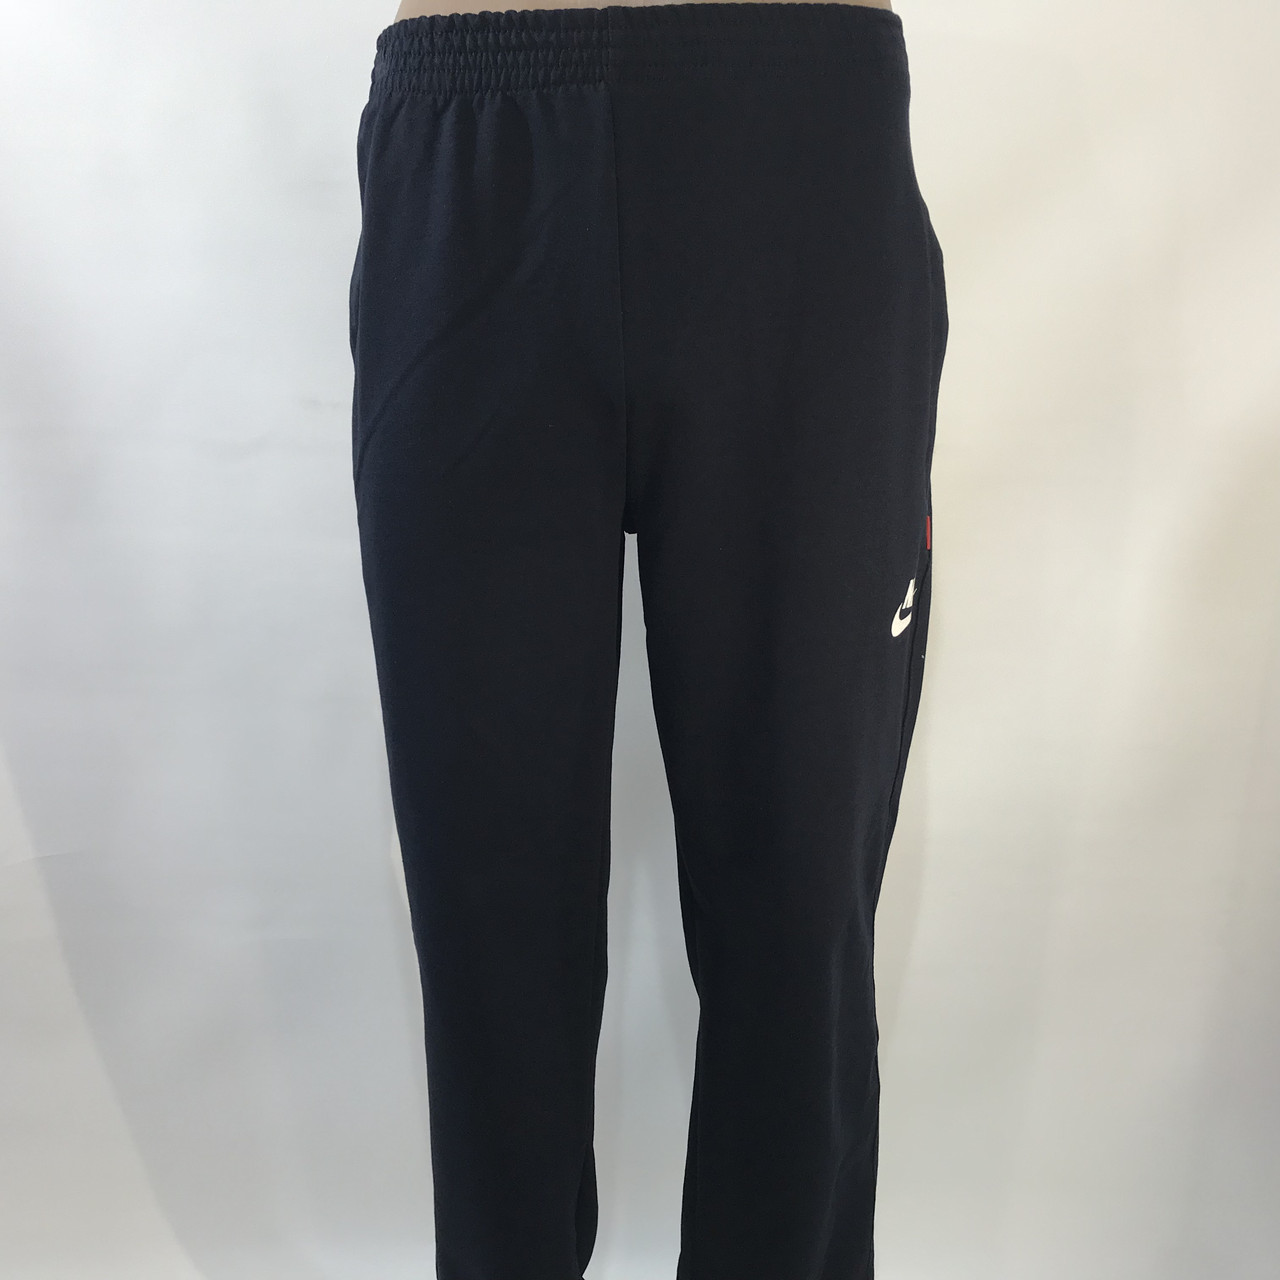 Спортивні штани в стилі Nike під манжет темно сині 46,48,50,52,54